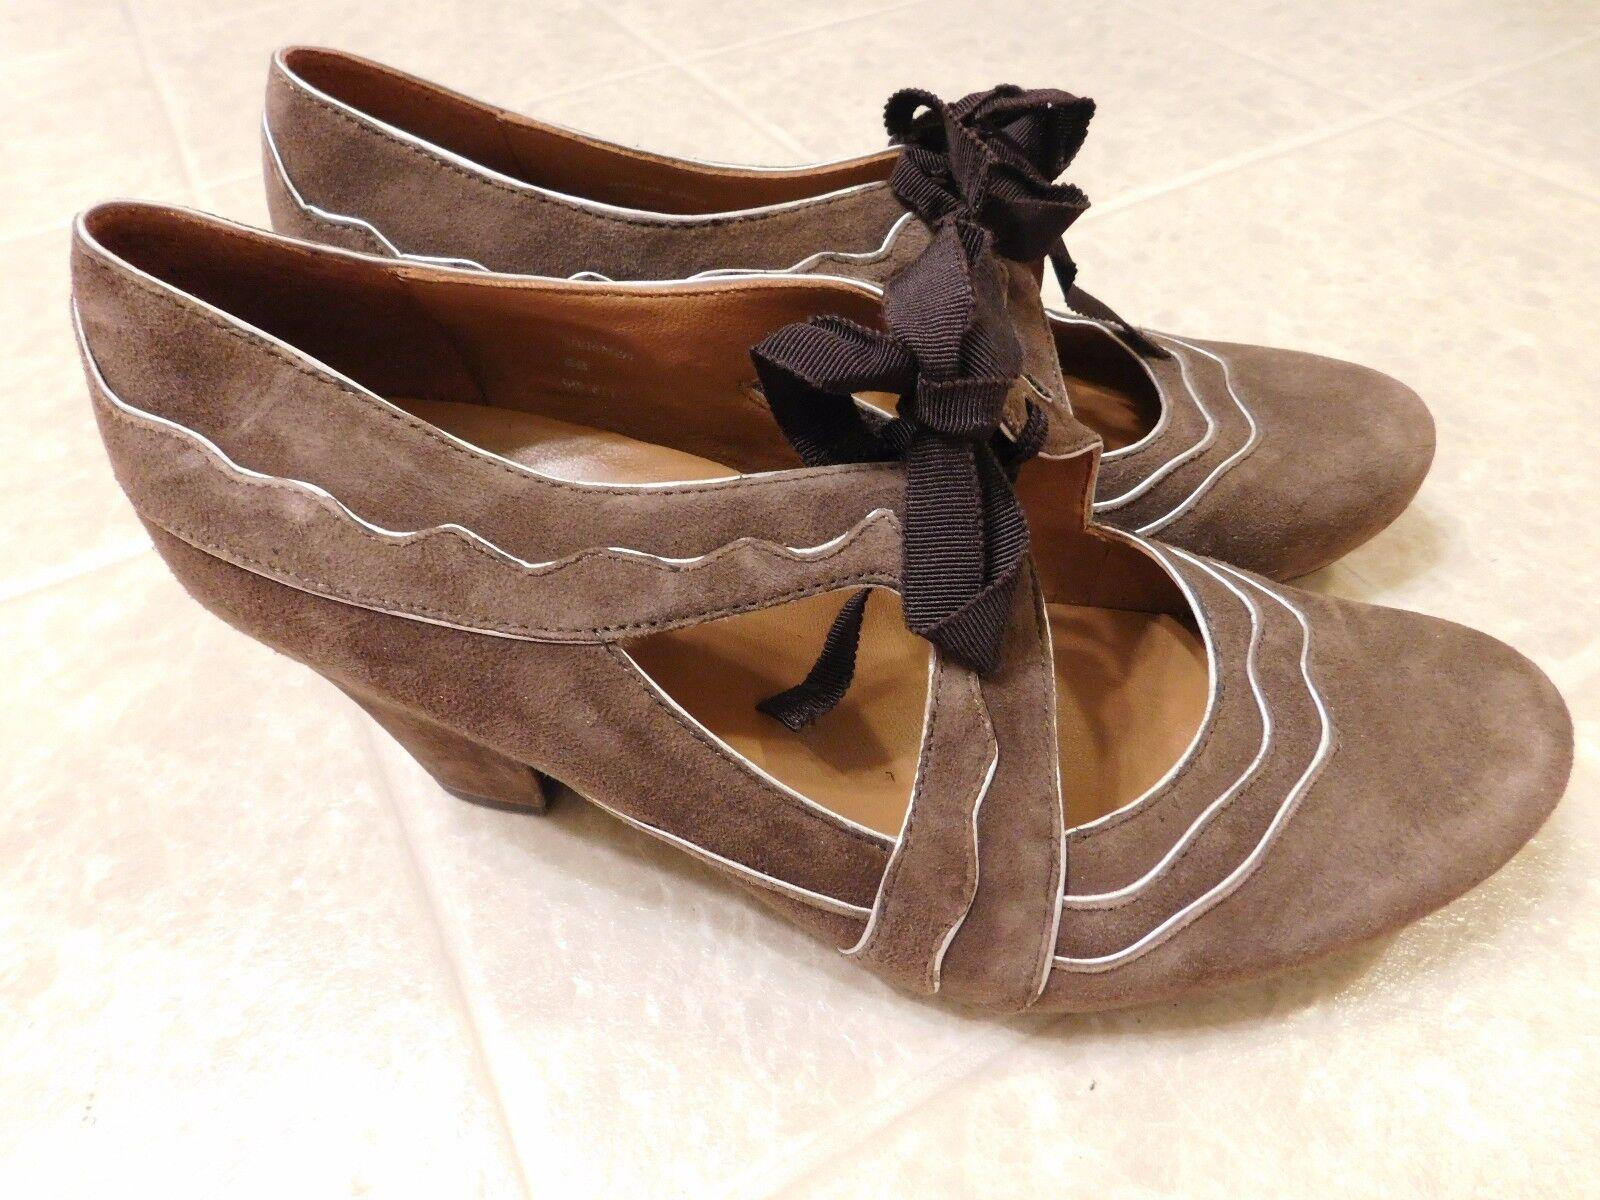 Earthies Sarenza Mary Jane High Heel Schuhes Suede Größe 8B Taupe Braun Suede Schuhes Leder XLN 431bb0